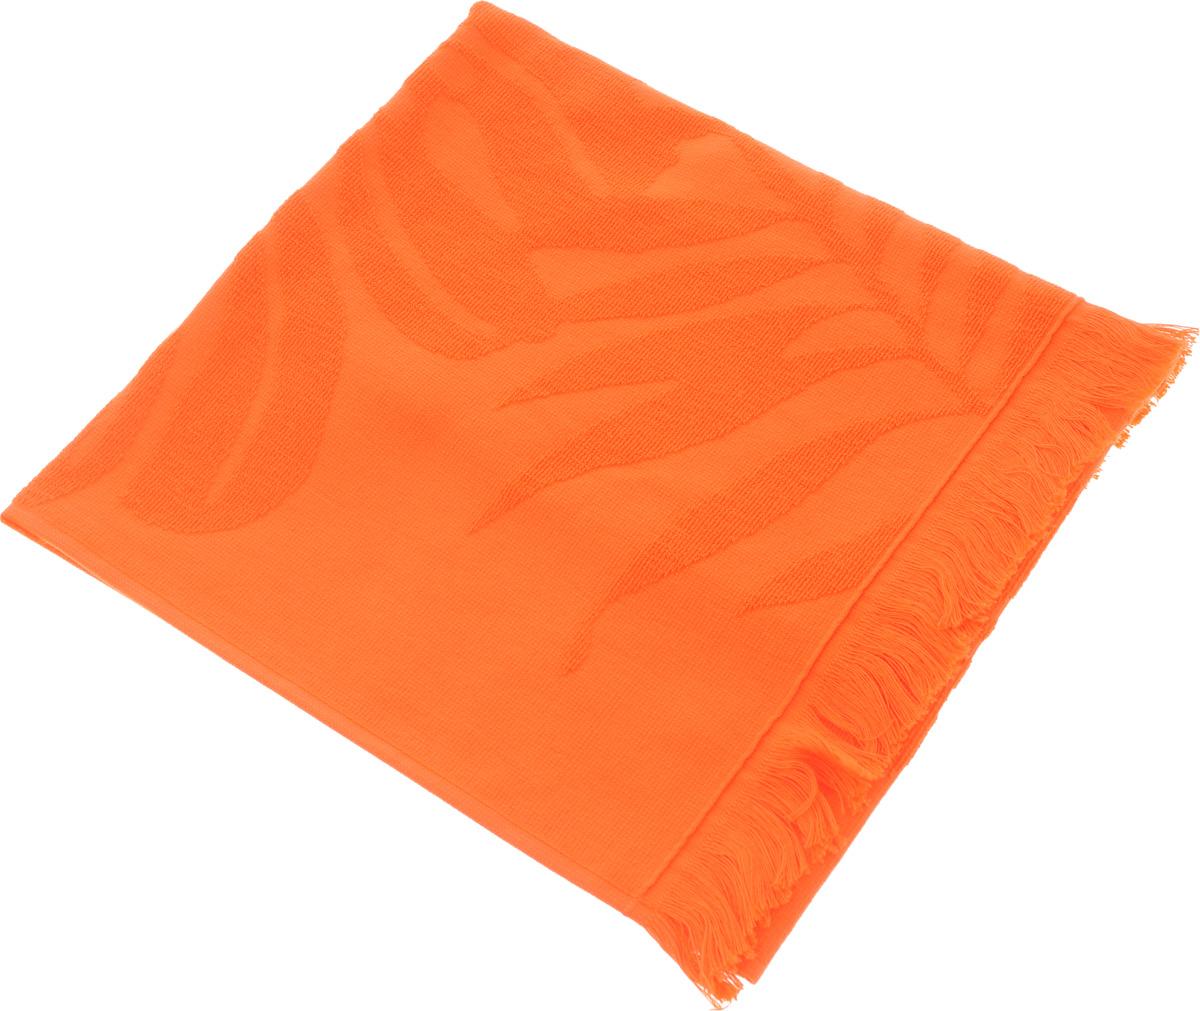 Полотенце Issimo Home Nadia, цвет: оранжевый, 50 x 90 см4992Полотенце Issimo Home Nadia выполнено из 100% хлопка. Изделие отлично впитывает влагу, быстро сохнет, сохраняет яркость цвета и не теряет форму даже после многократных стирок. Полотенце очень практично и неприхотливо в уходе. Оно прекрасно дополнит интерьер ванной комнаты.